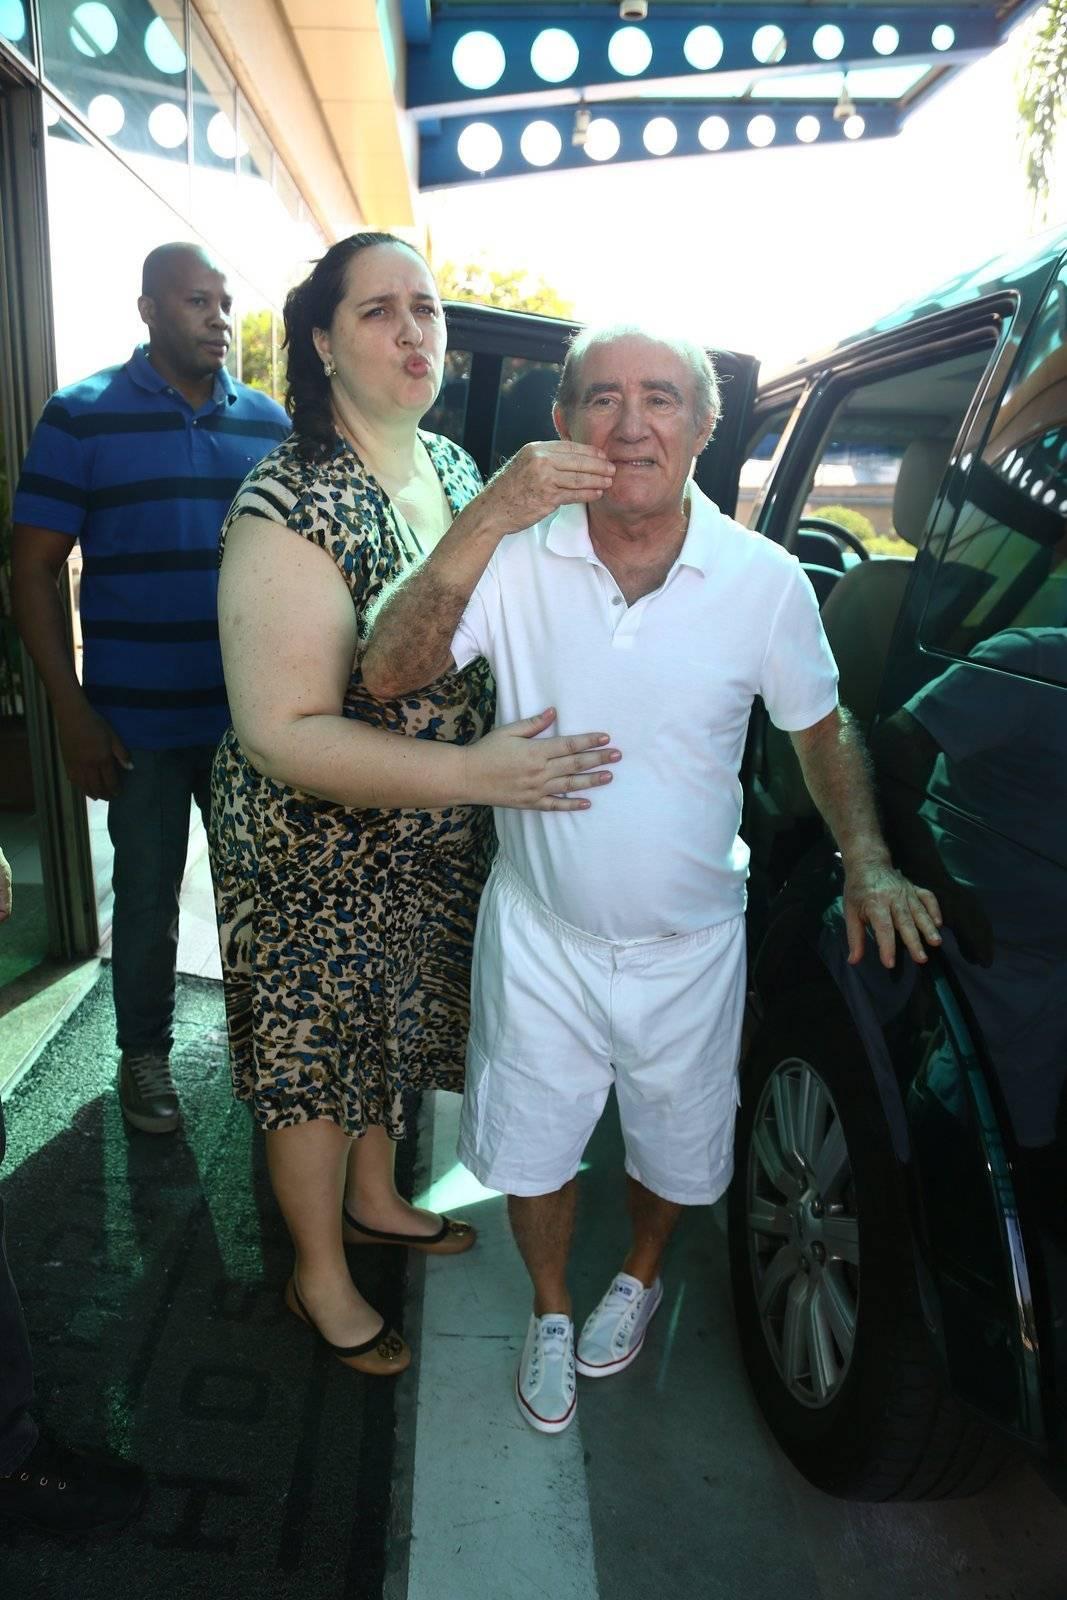 Bonzinho ou arrogante? Conheça as duas faces de Renato Aragão - Fotos - R7  Famosos e TV